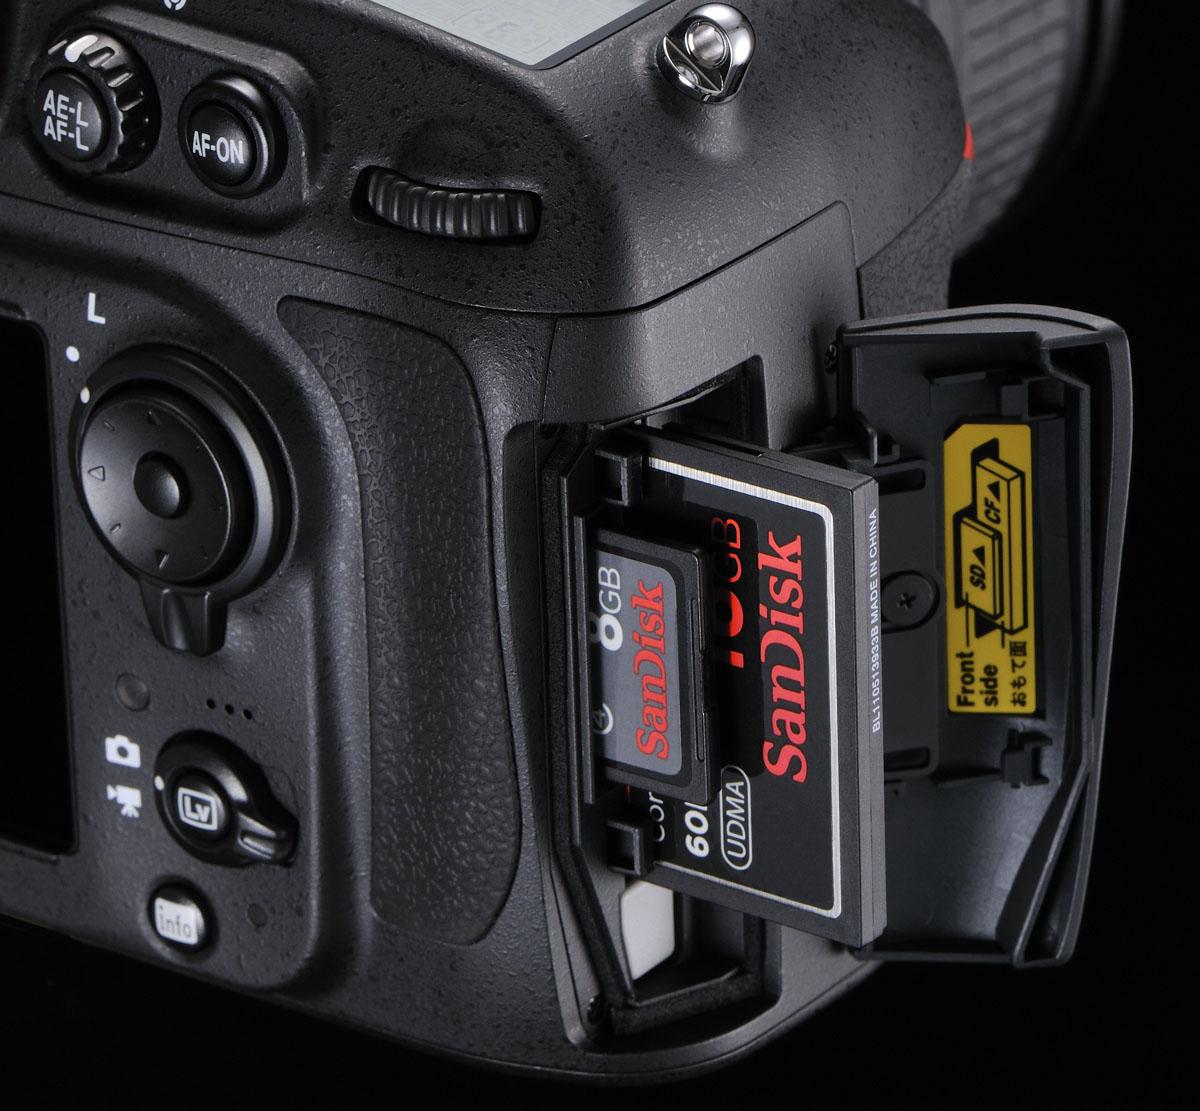 Nikon-D800-Card-Slots-CF-SD